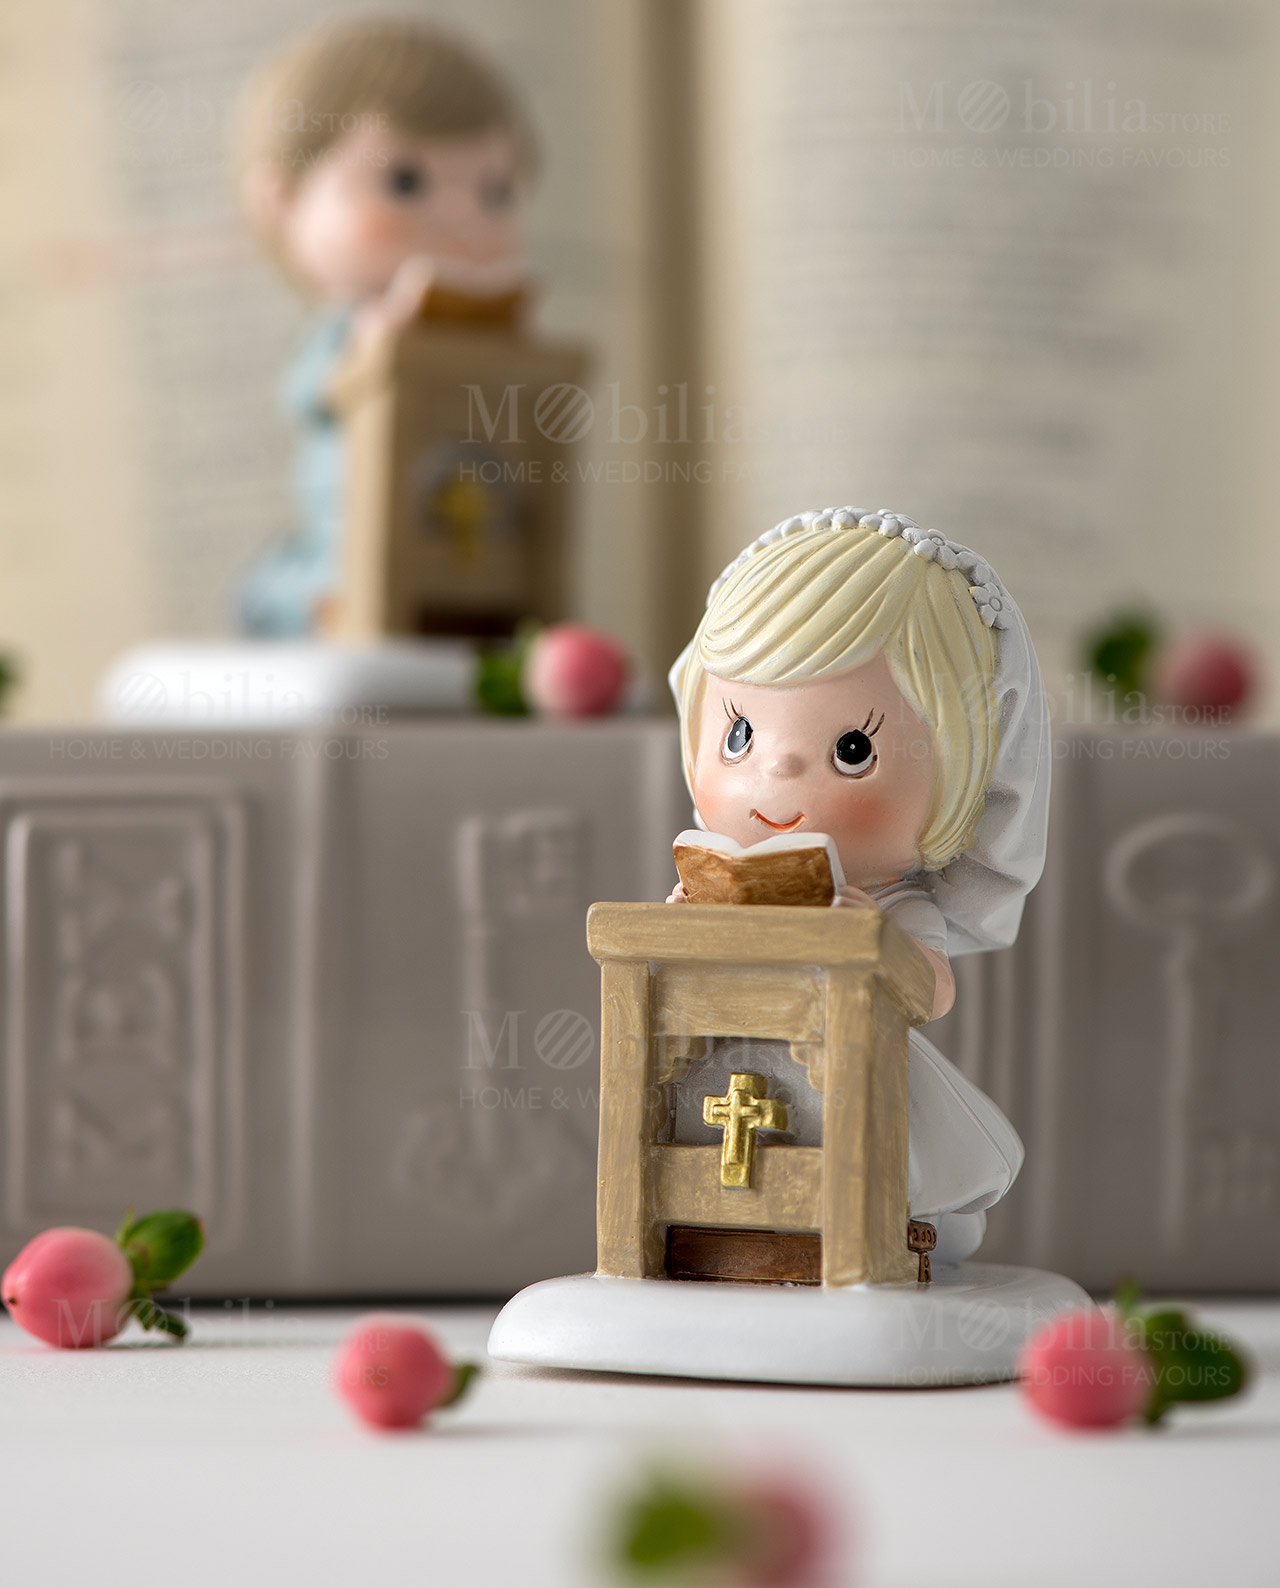 bimba con coroncina di fiori bianca su altare ad emozioni